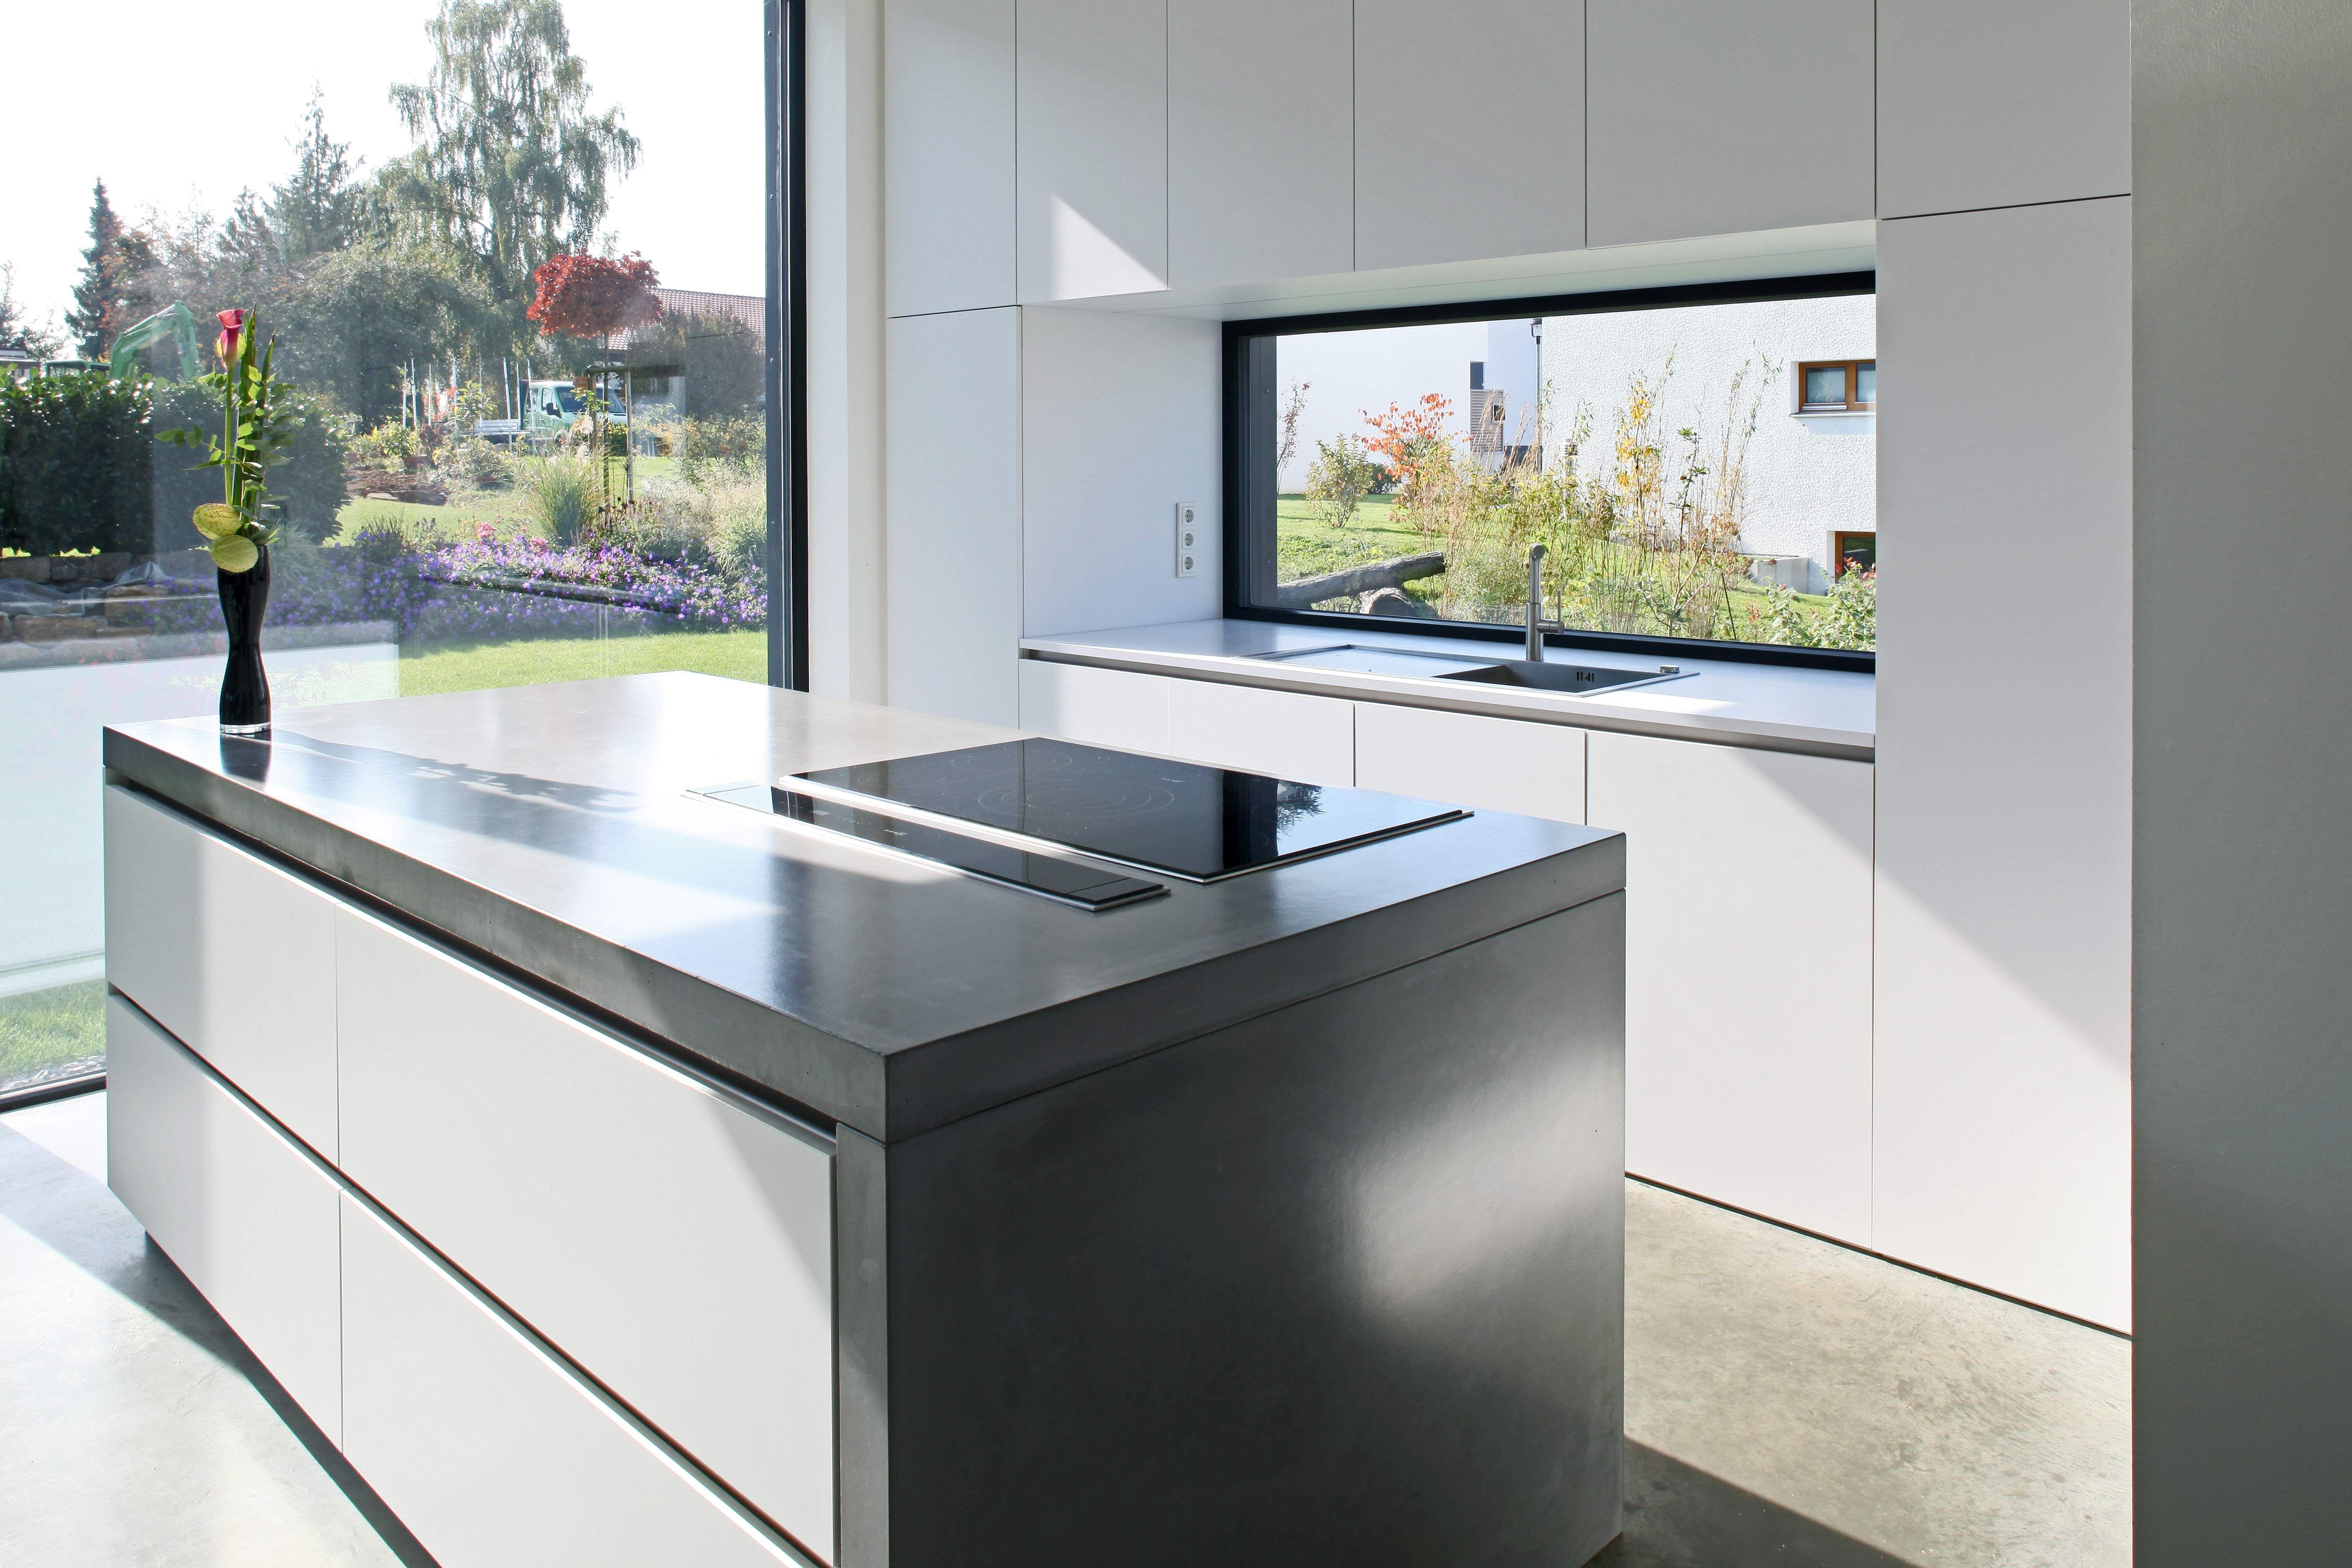 Kerstin Philipp küchenarbeitsplatte aus beton architektin kerstin philipp big